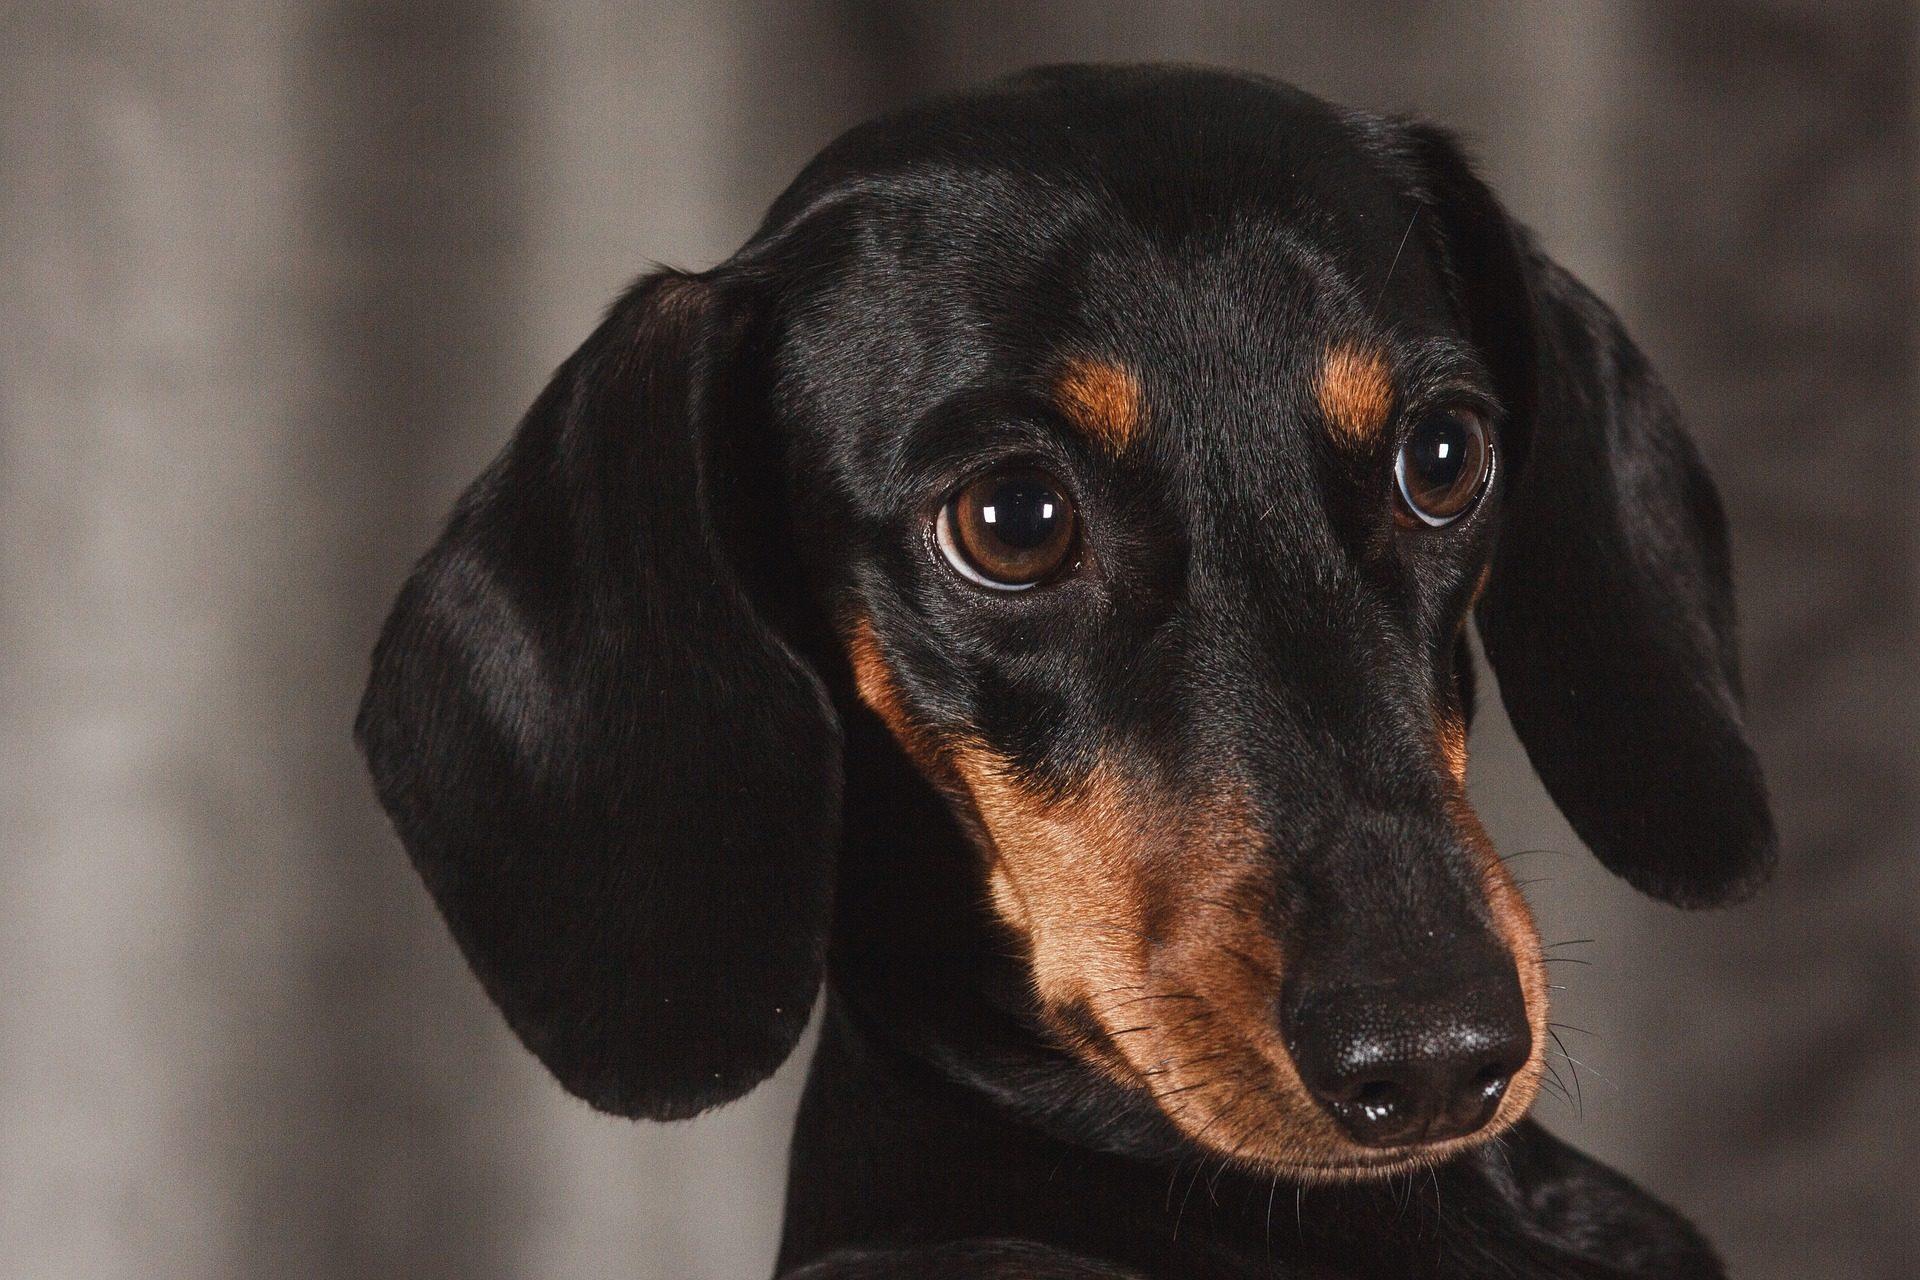 الكلب, الكلب الألماني, الوجه, نظرة, عيون, خطم, أسود - خلفيات عالية الدقة - أستاذ falken.com